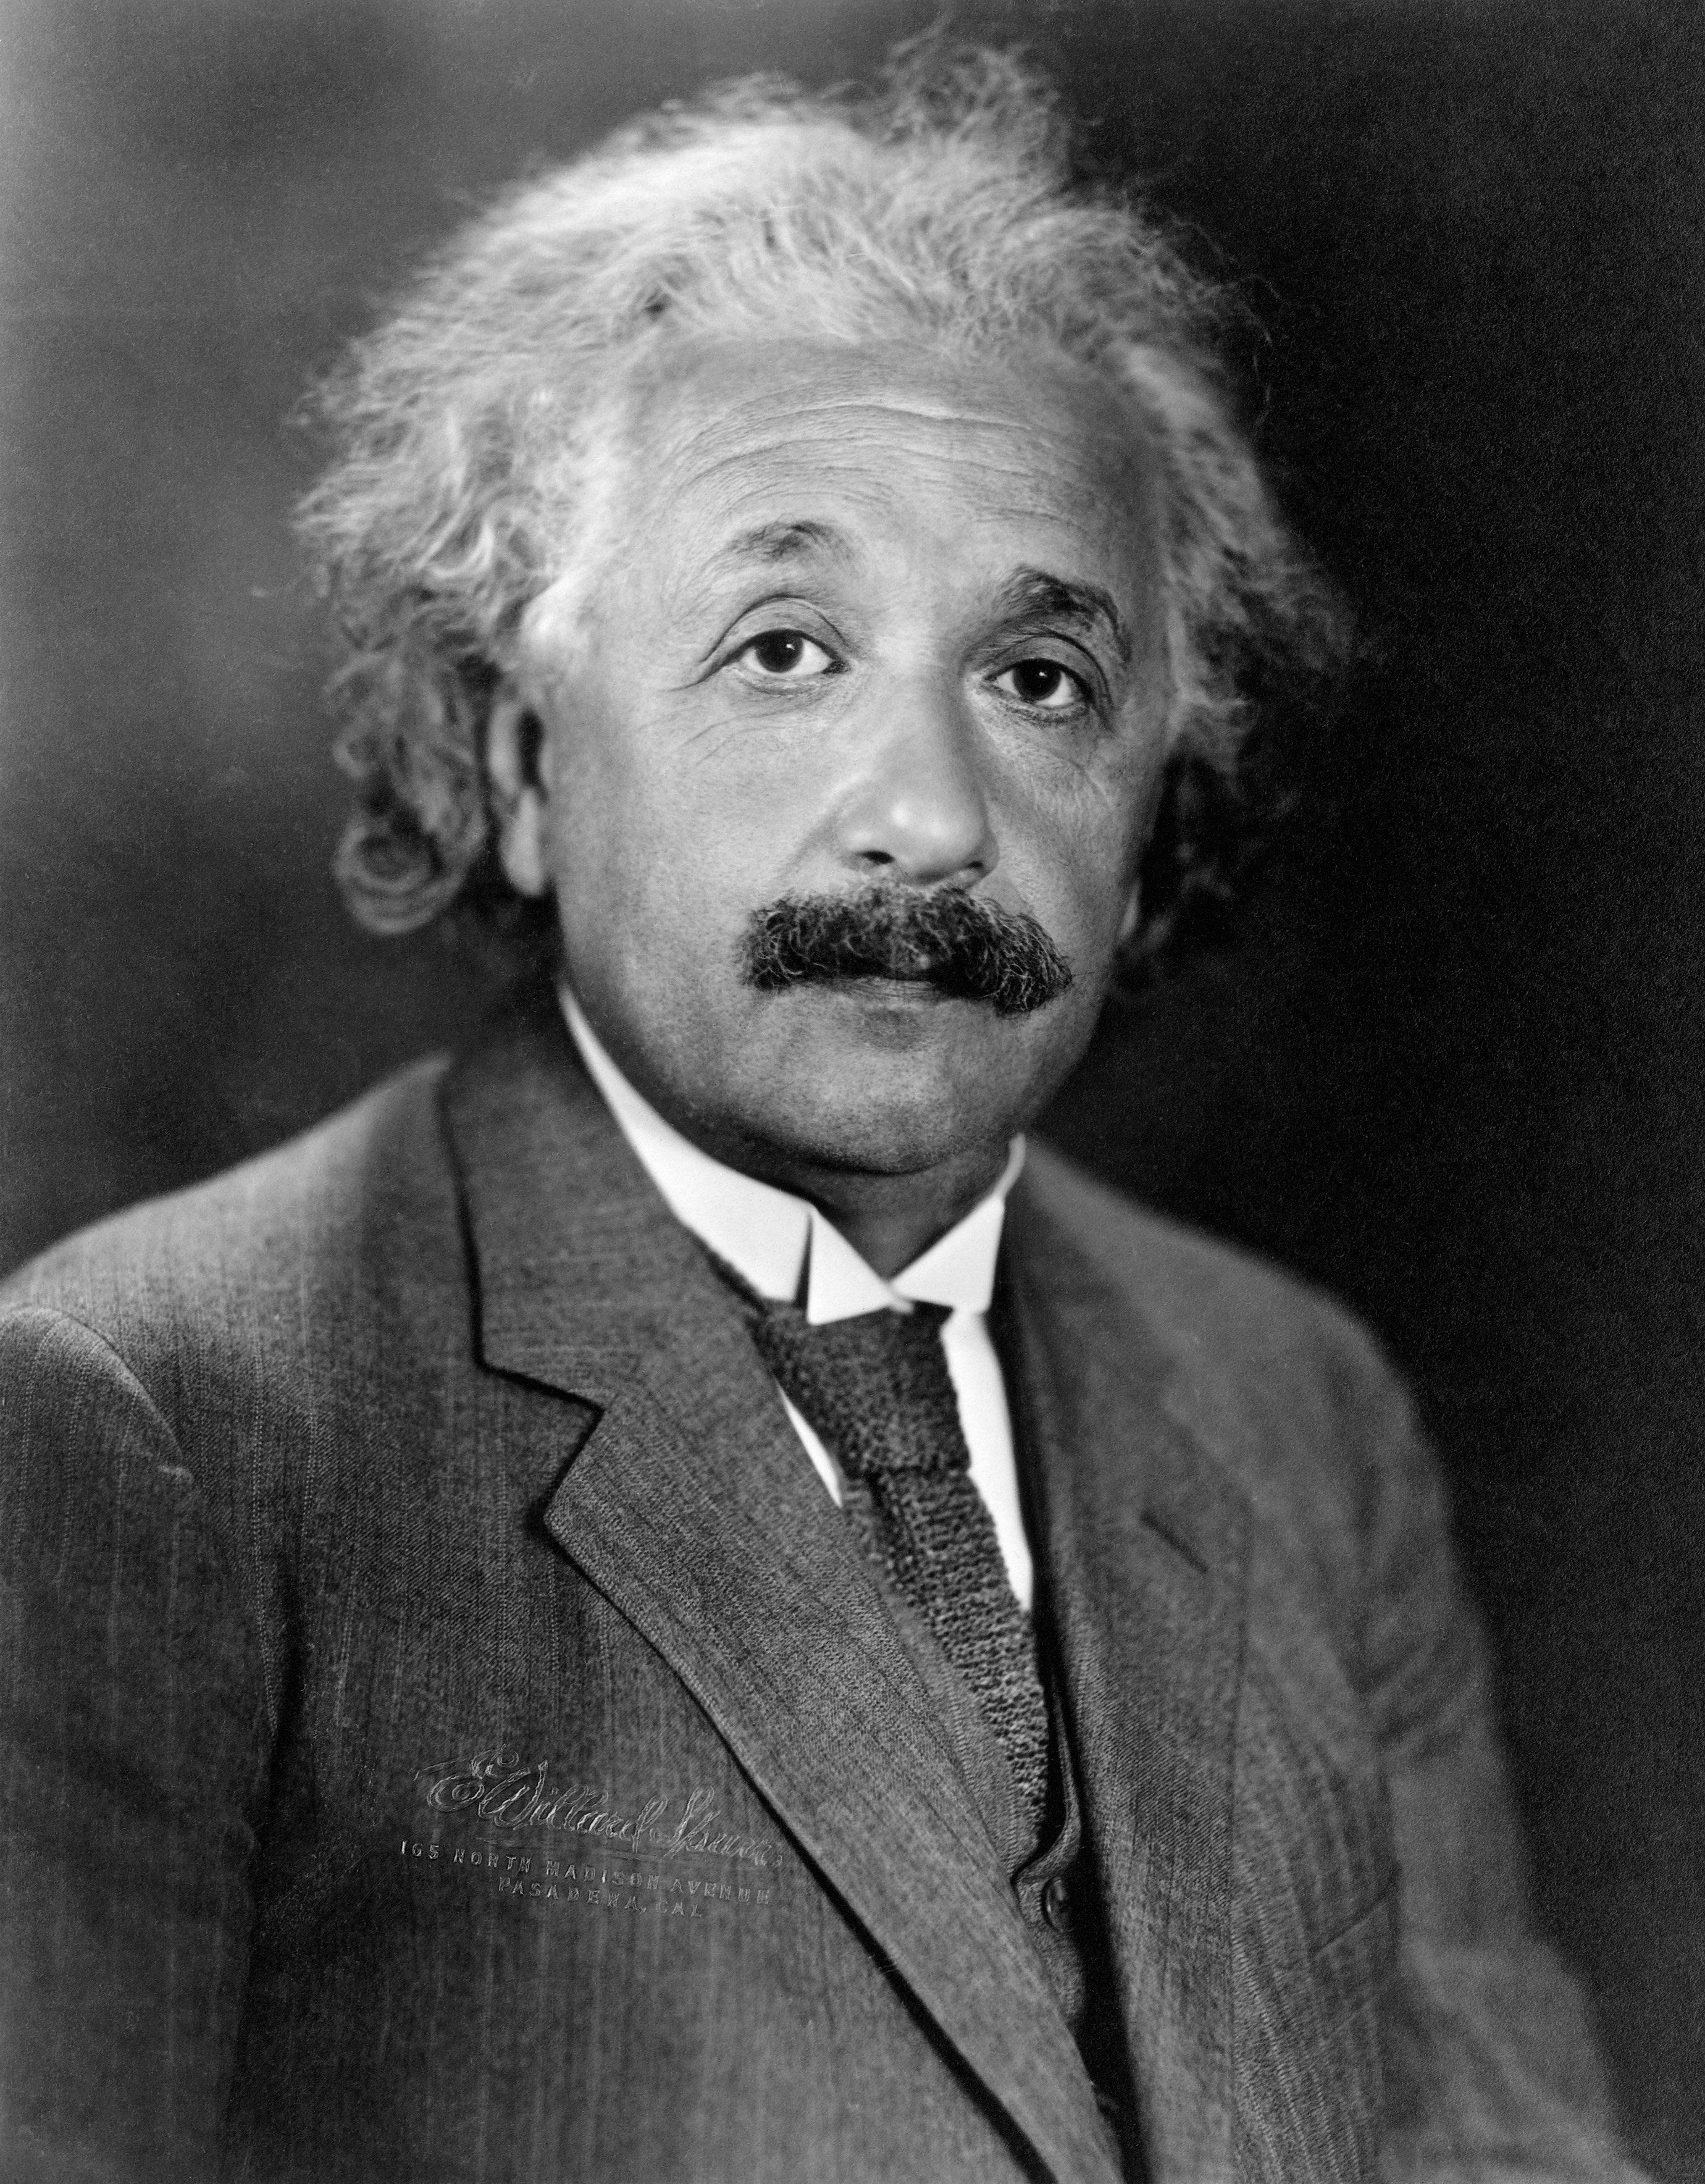 Albert Einstein (1879-1955).